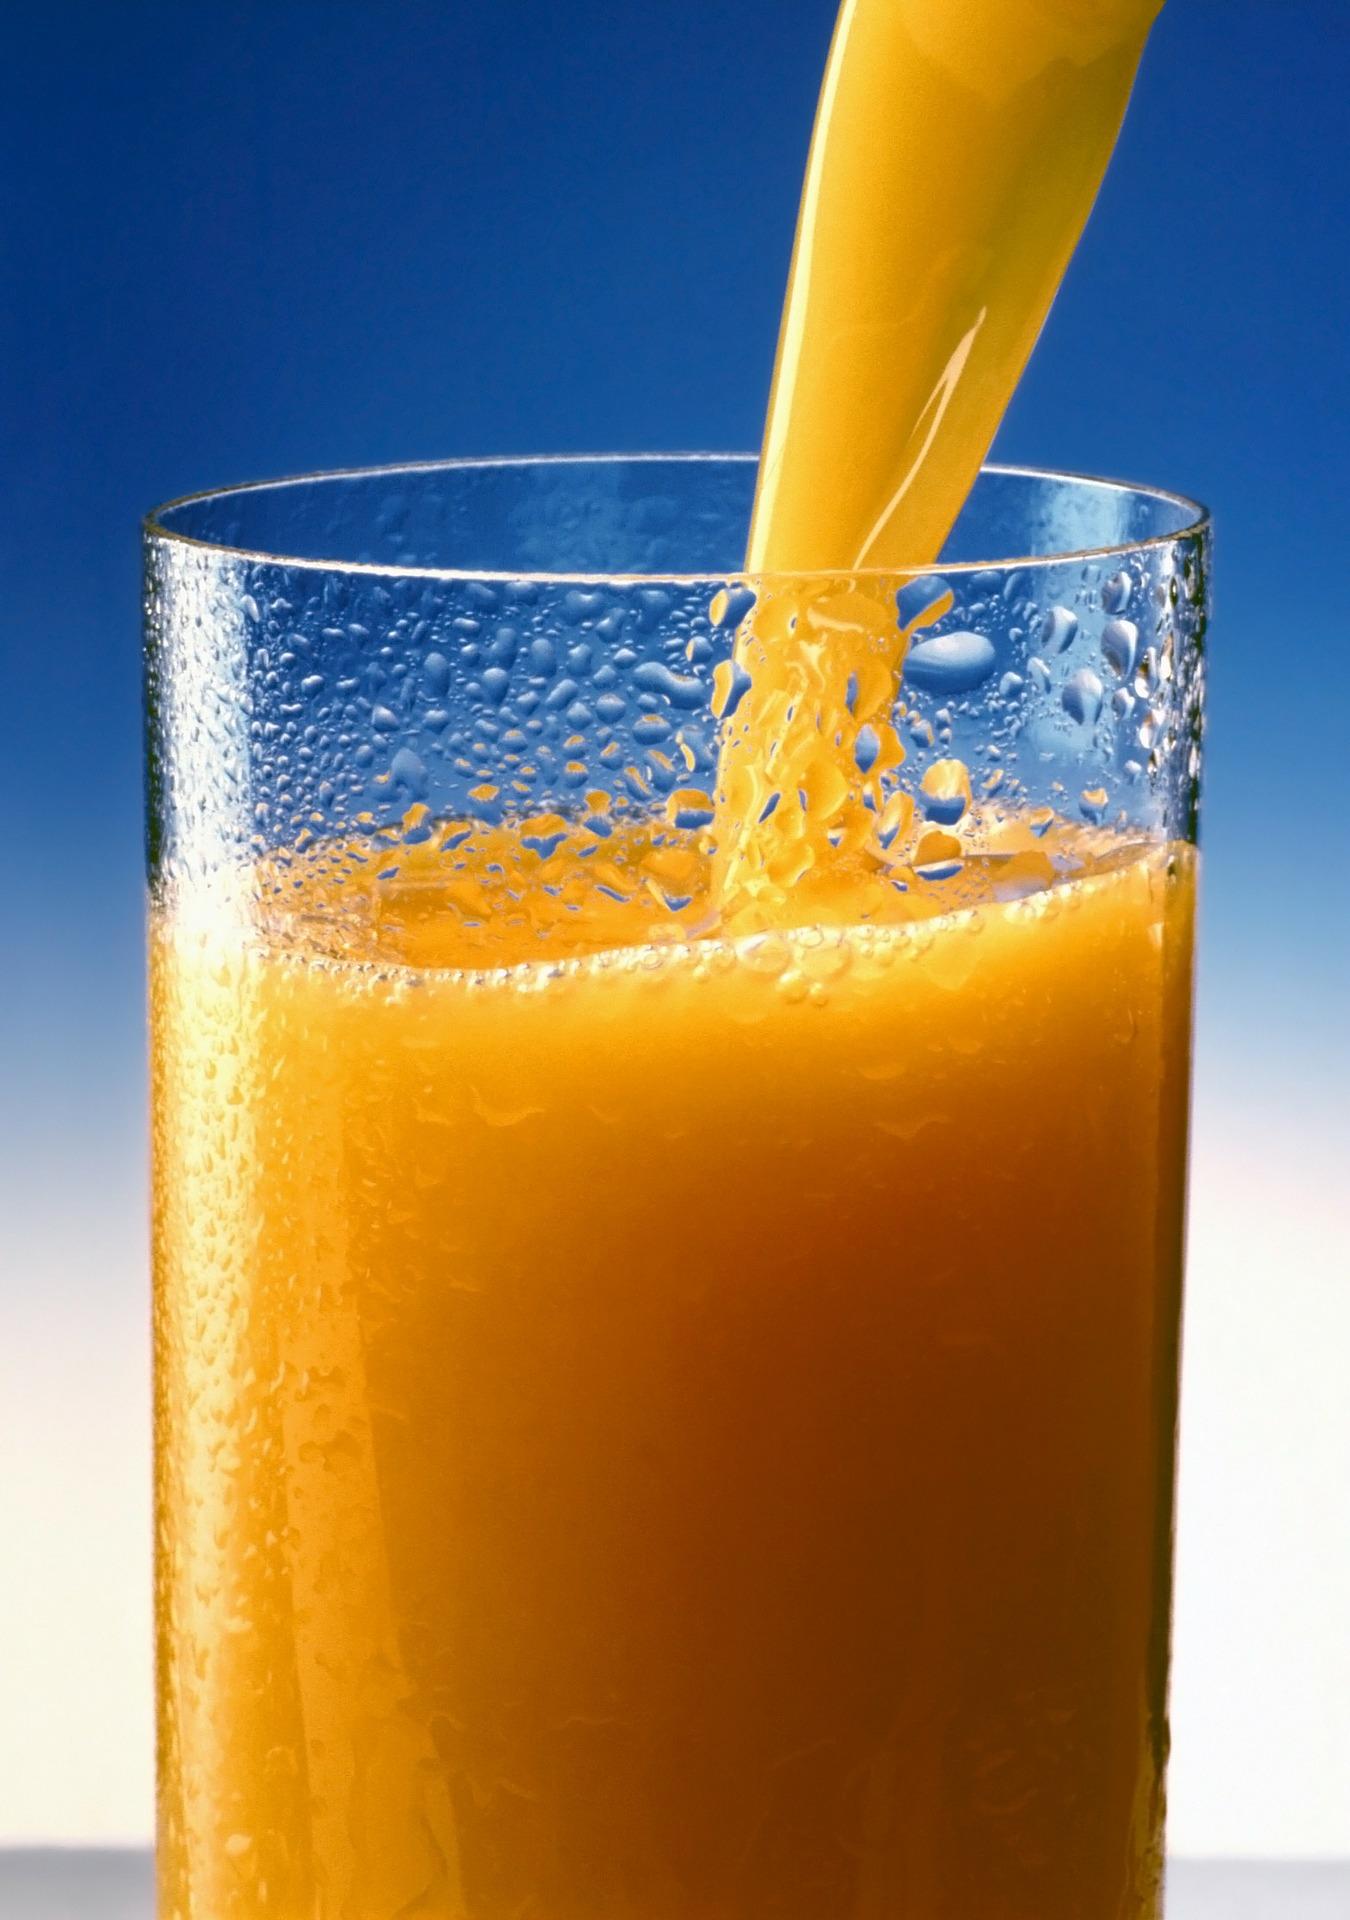 orange juice consiption